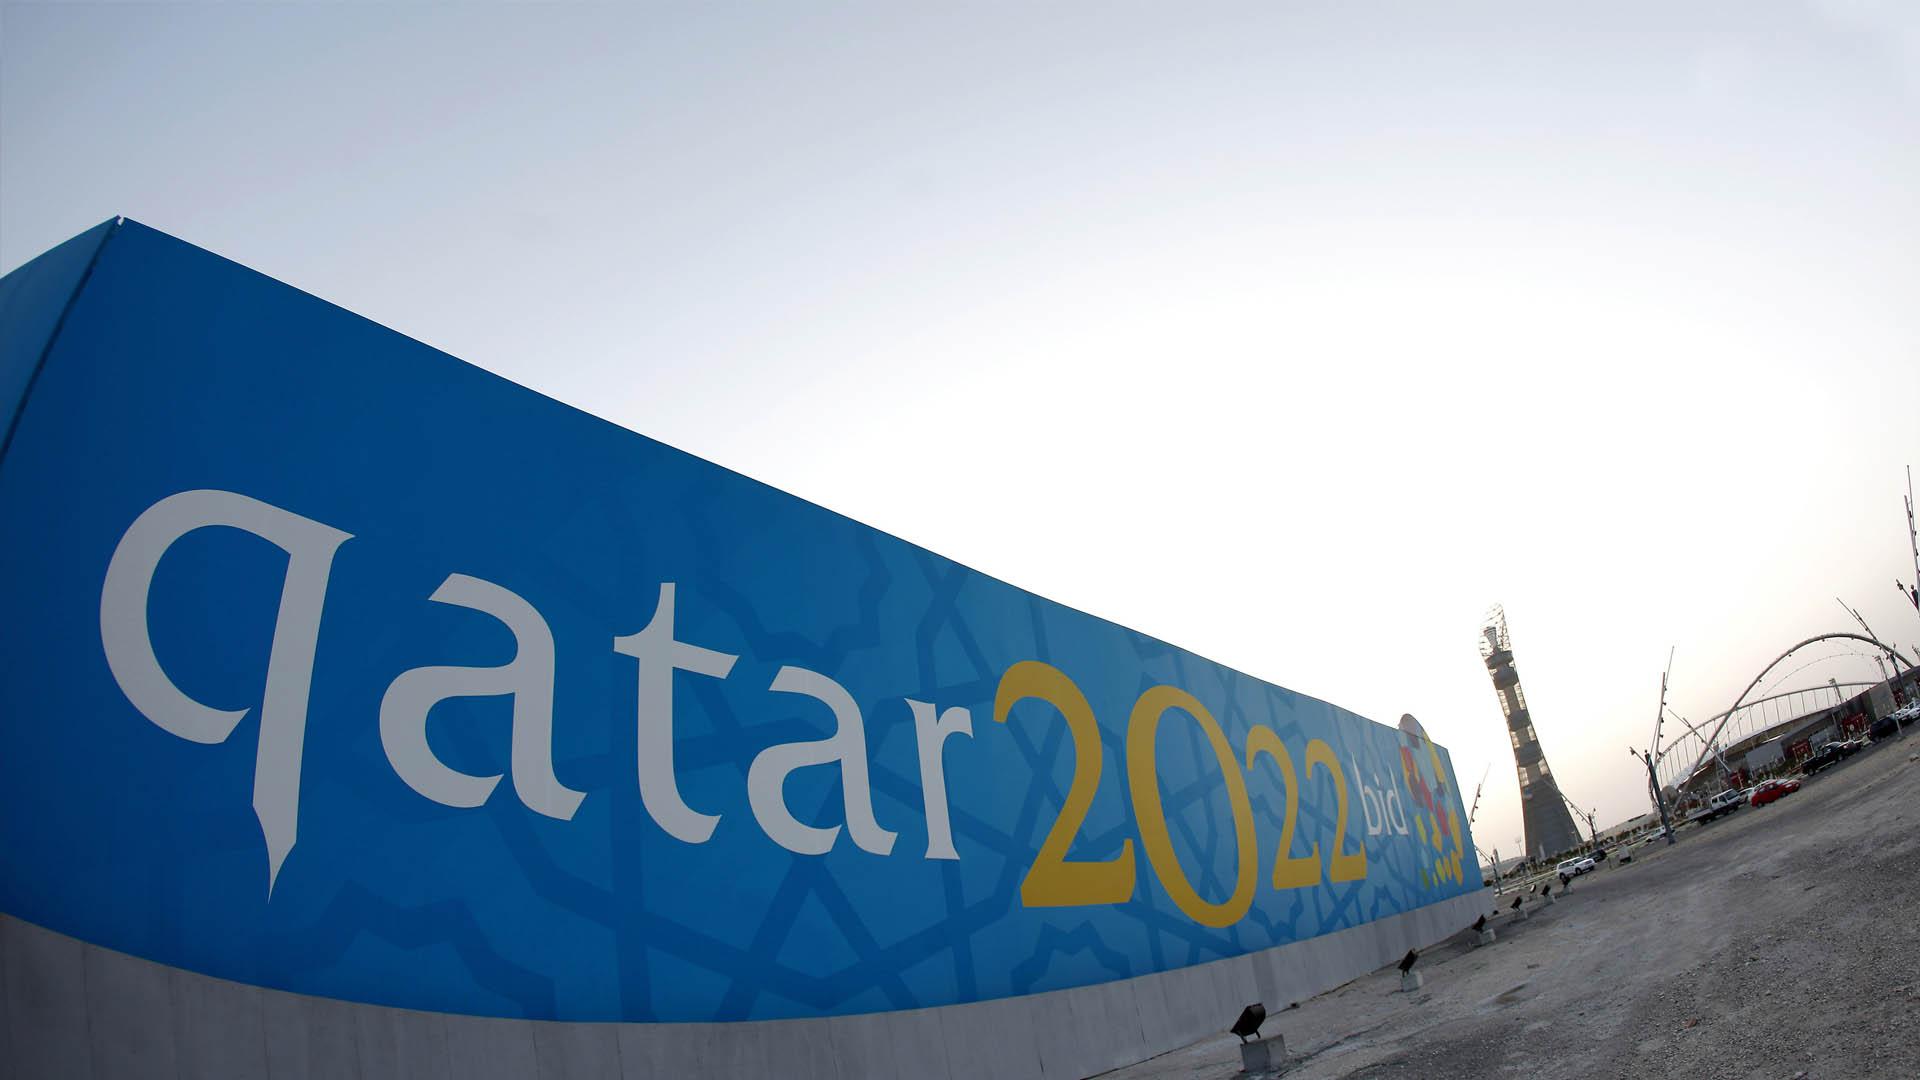 El comité encargado de organizar esta Copa, presentará esta propuesta a la FIFA